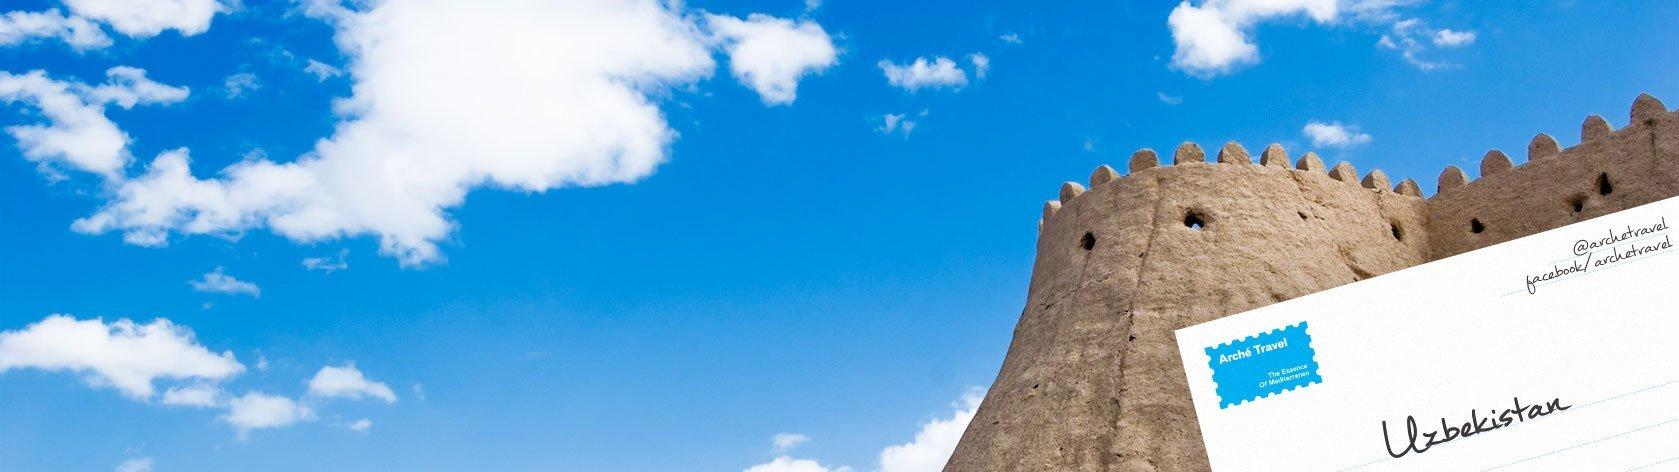 Tour Operator Uzbekistan - Viaggi Uzbekistan - Tour Uzbekistan - Arché Travel